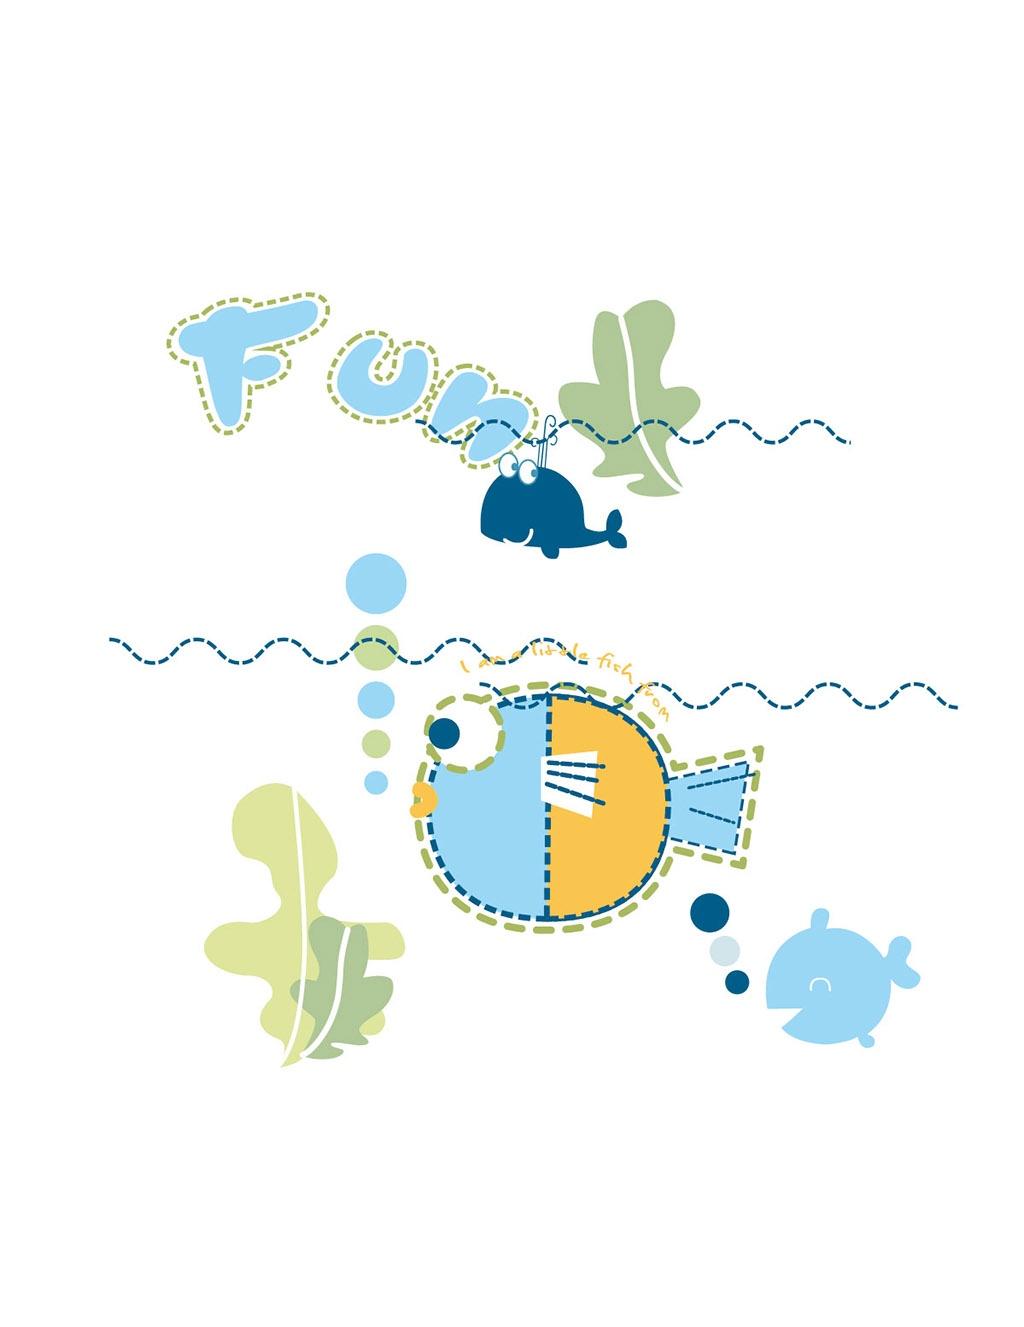 卡通动物印花素材 鱼 热带鱼 波浪线 虚线 海草 海带 气泡 圆点